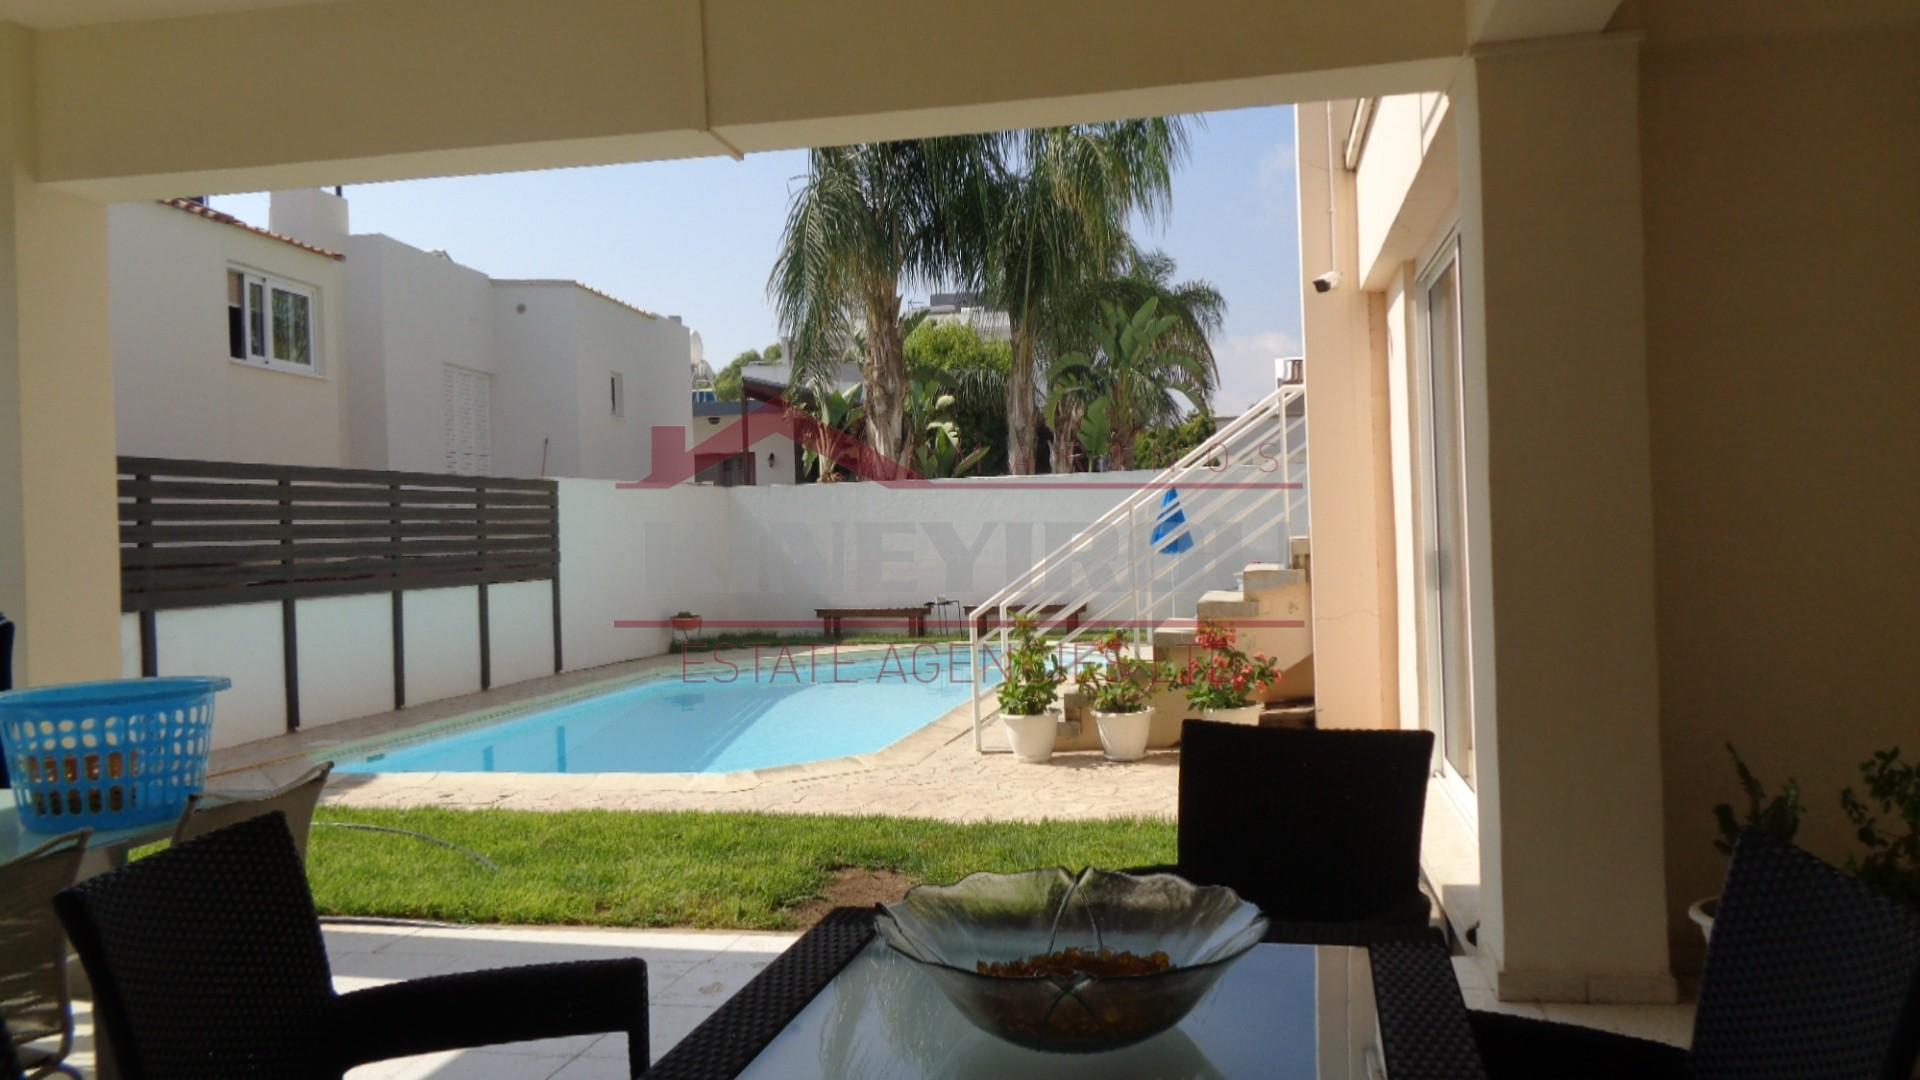 Four Bedroom House In Vergina, Larnaca